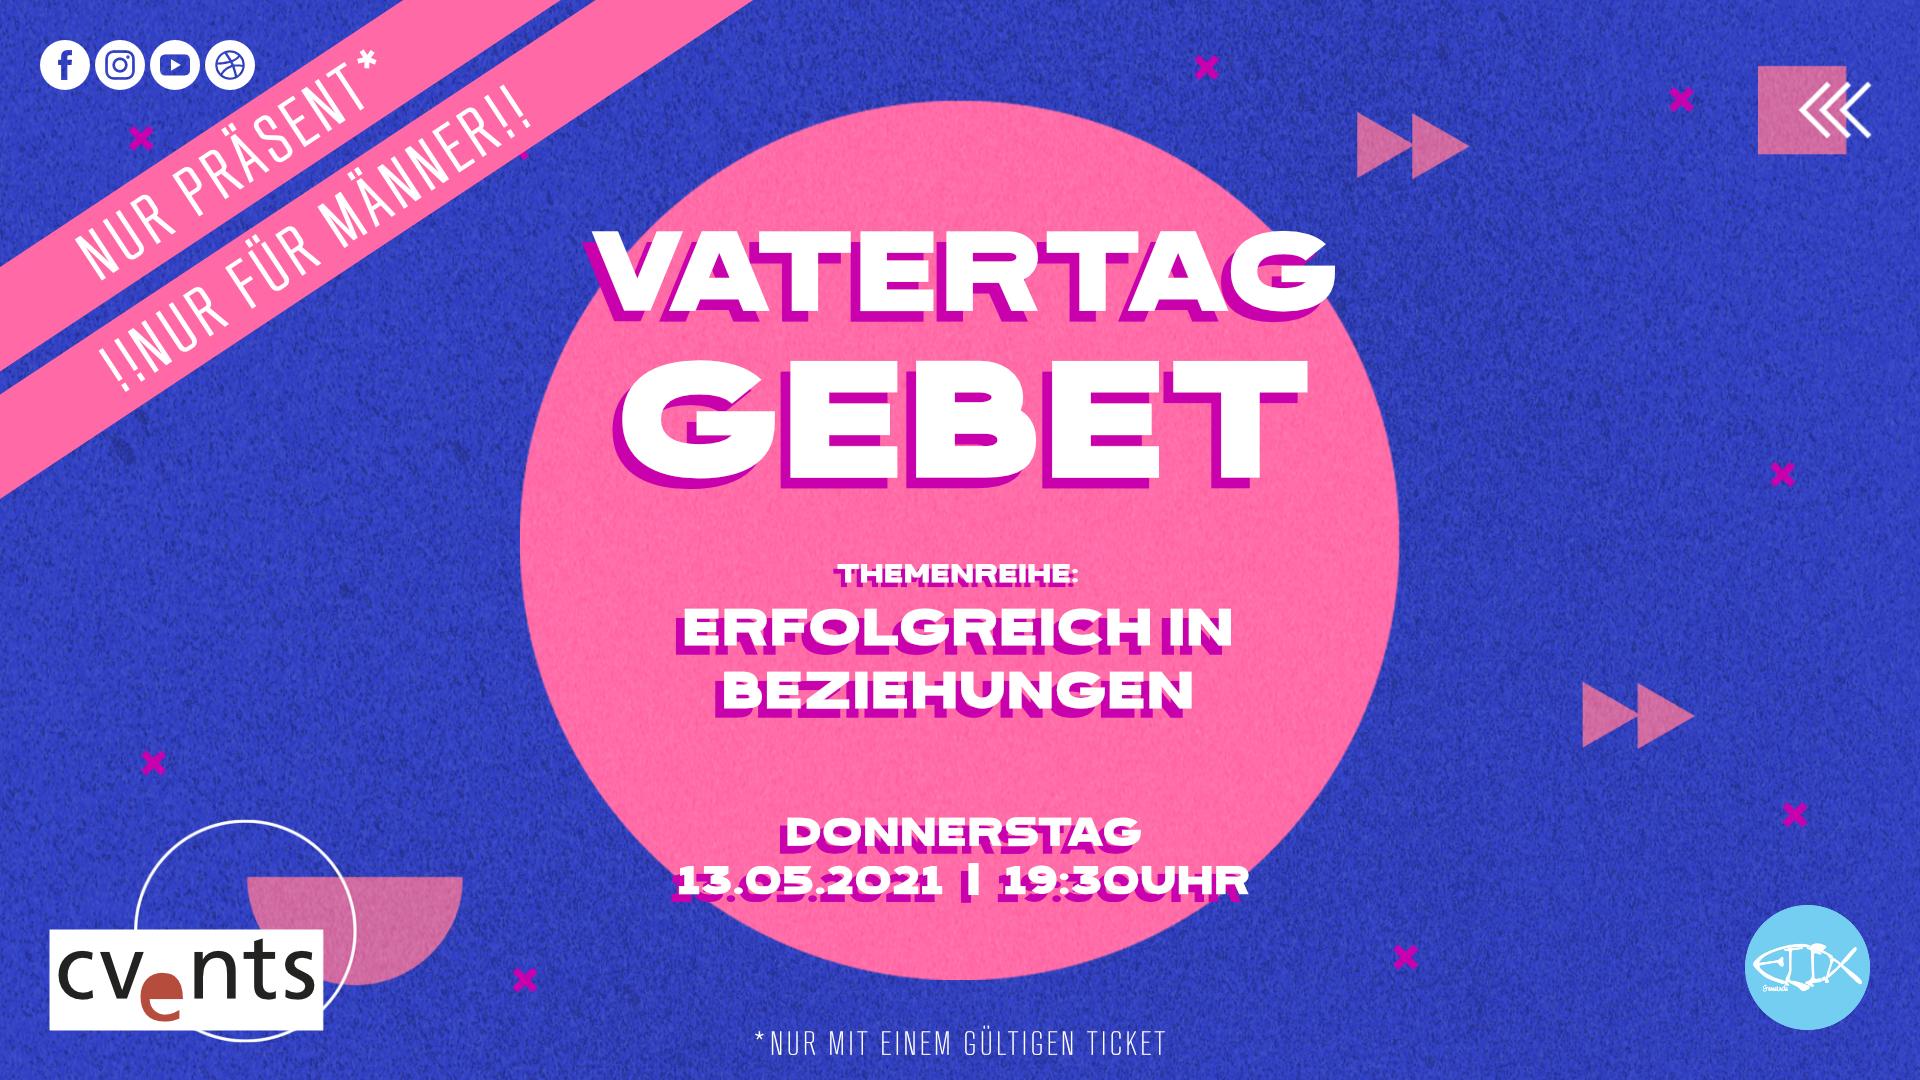 VATERTAG |GEBET | NUR FÜR MÄNNER